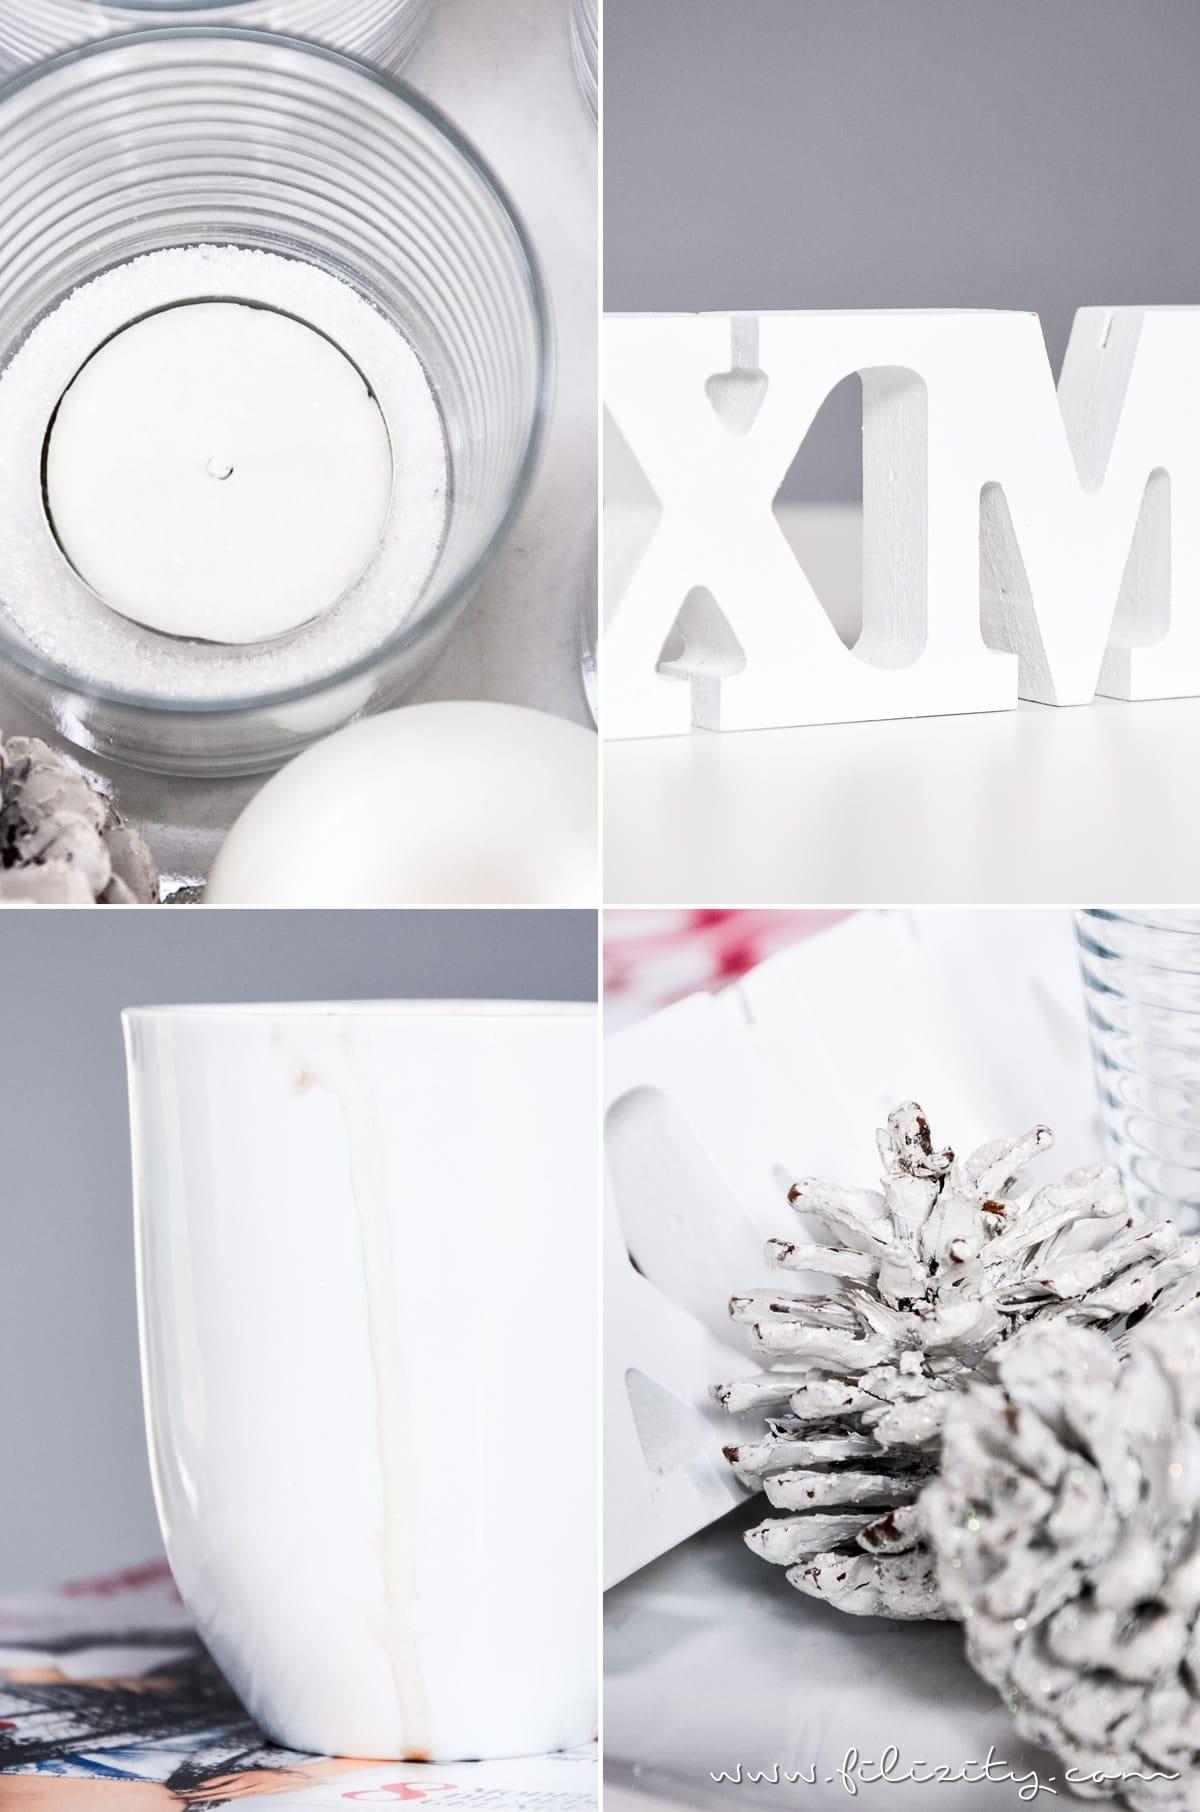 Last Minute Adventsteller – In 5 Minuten zum Adventskranz - Weihnachtsdeko | Filizity.com | DIY-Blog aus dem Rheinland #weihnachten #deko #adventskranz